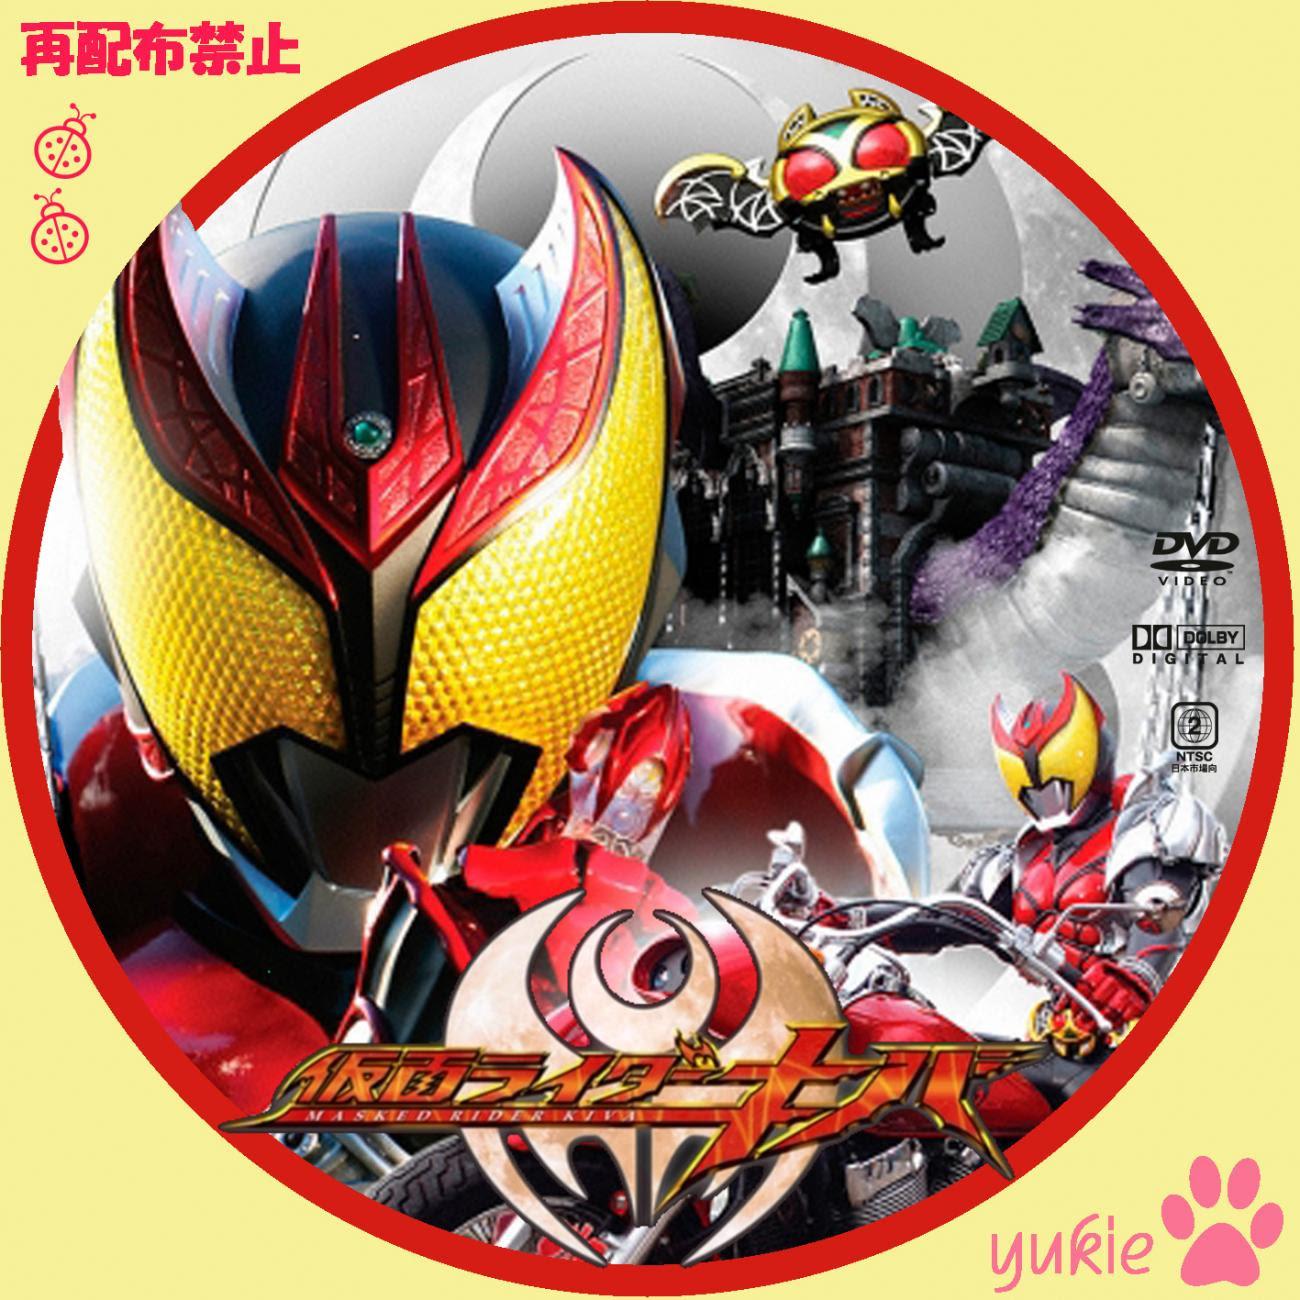 Yukieのラベル作り 仮面ライダー キバ